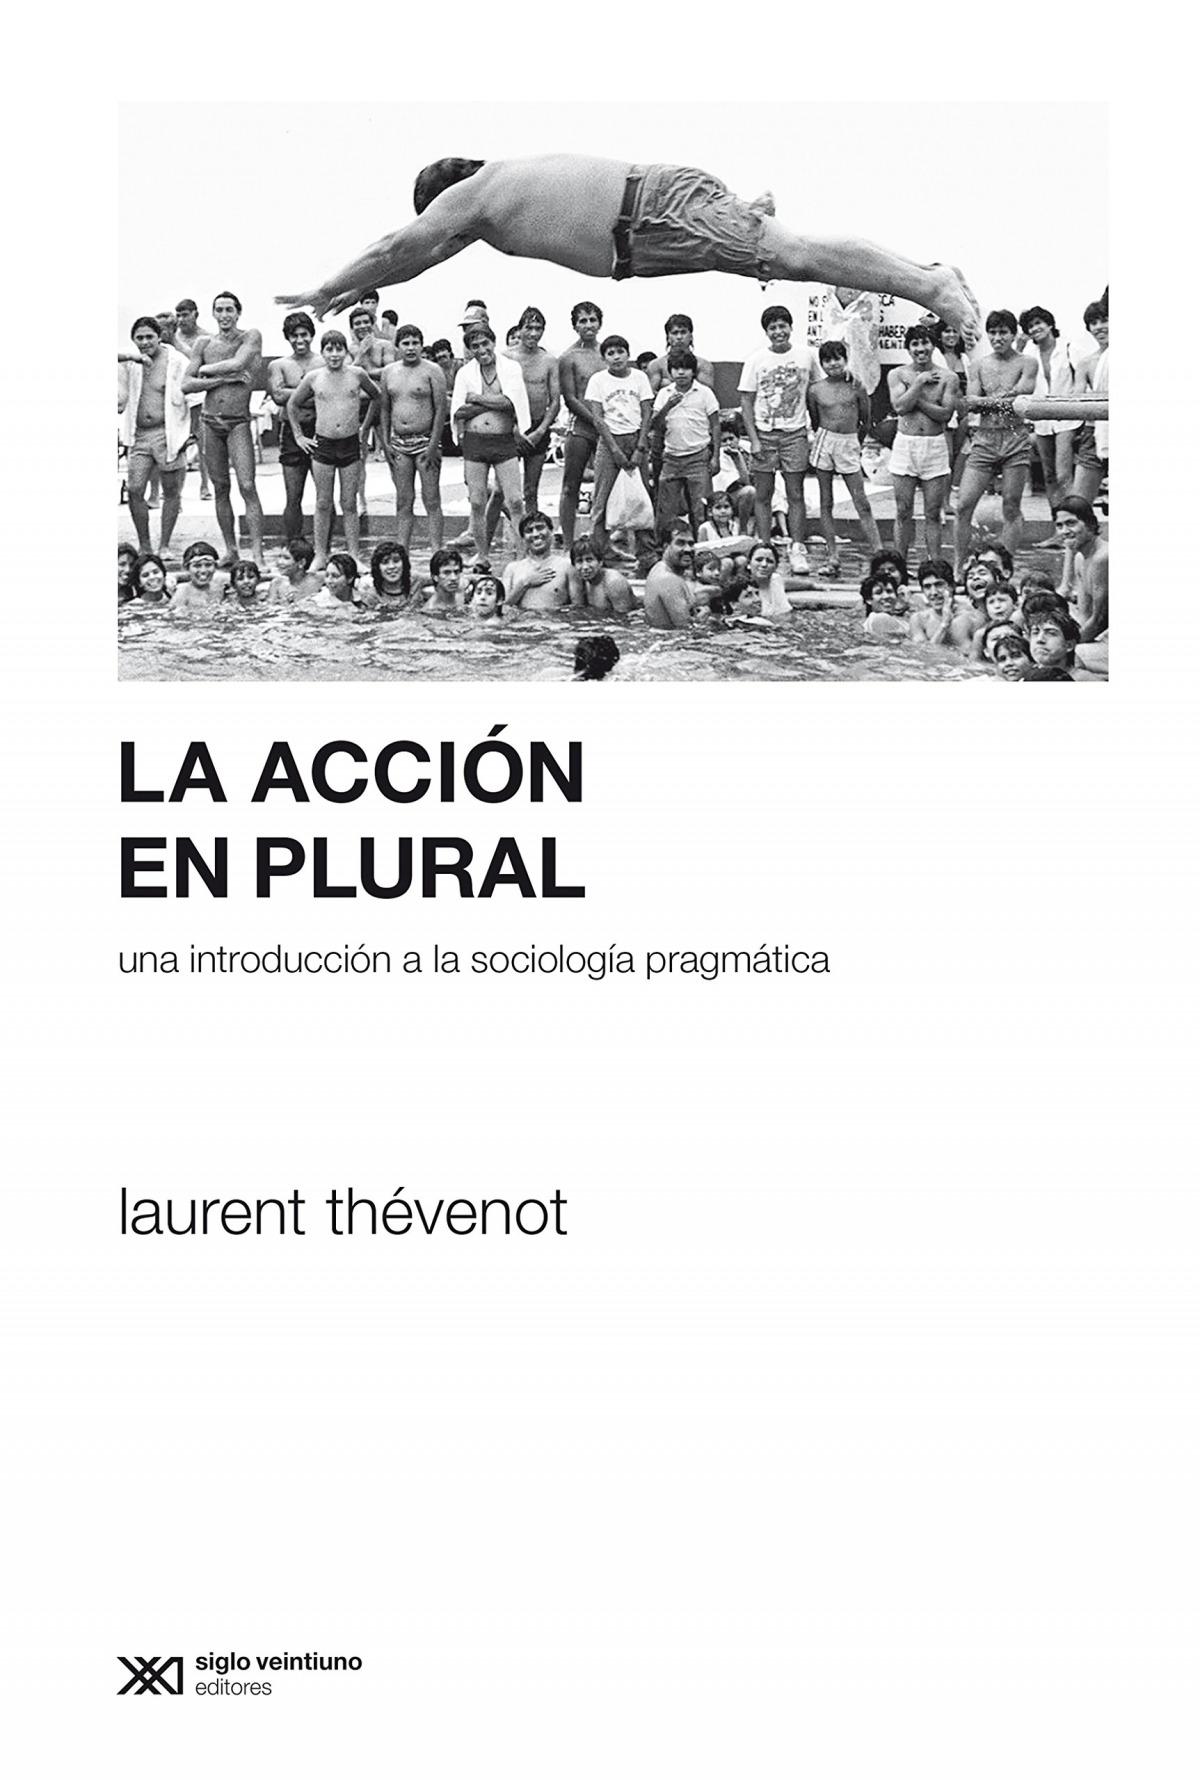 La acción en plural